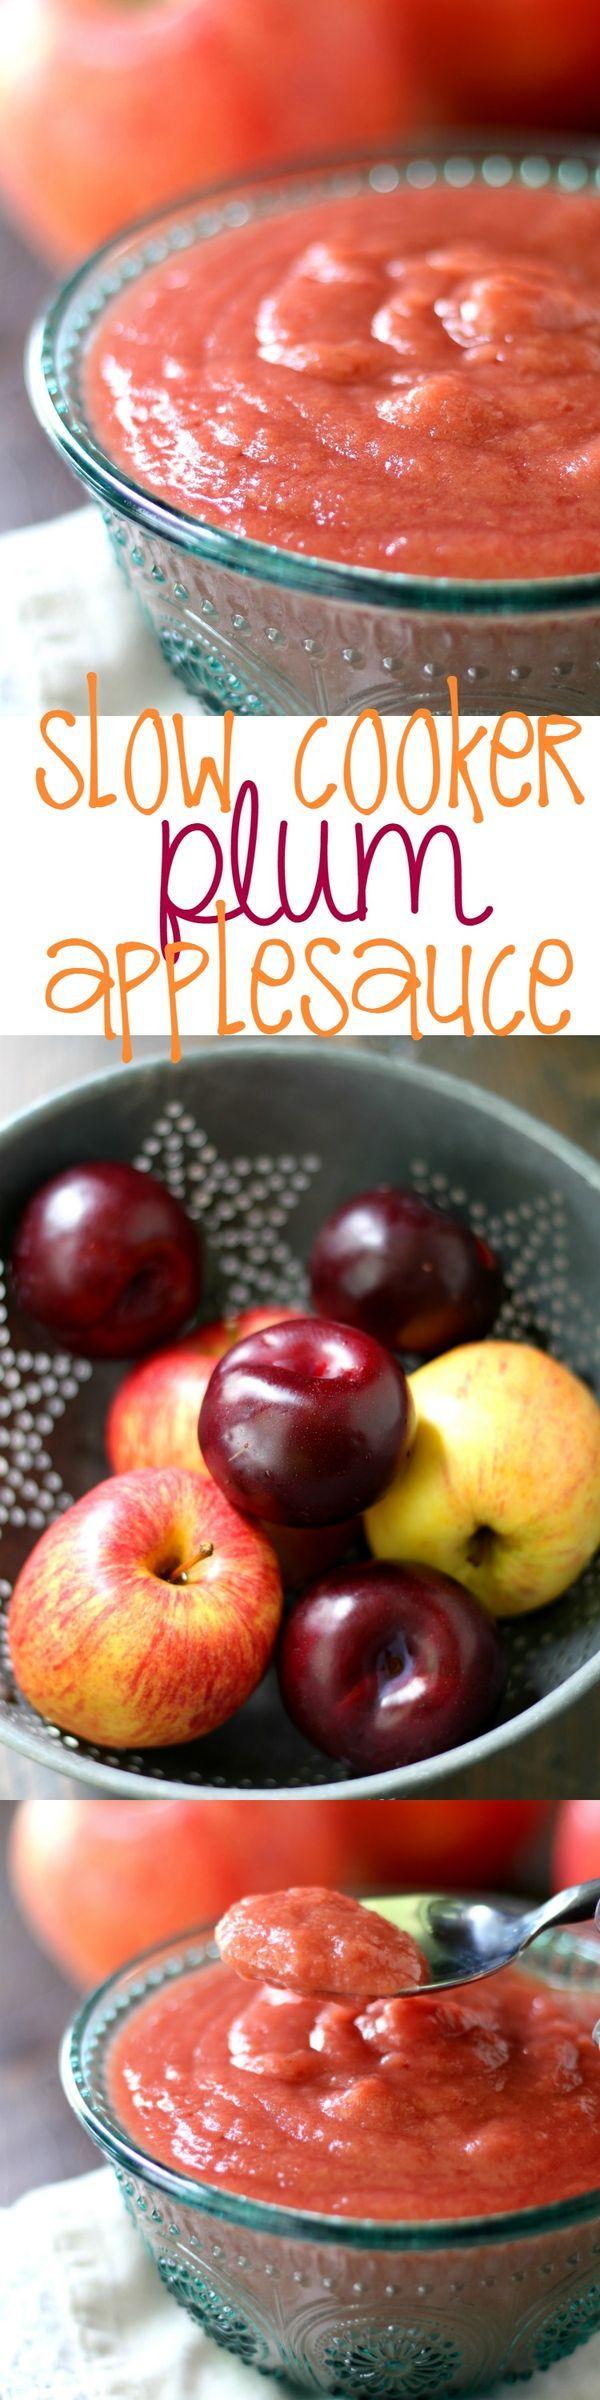 Slow Cooker Plum Applesauce